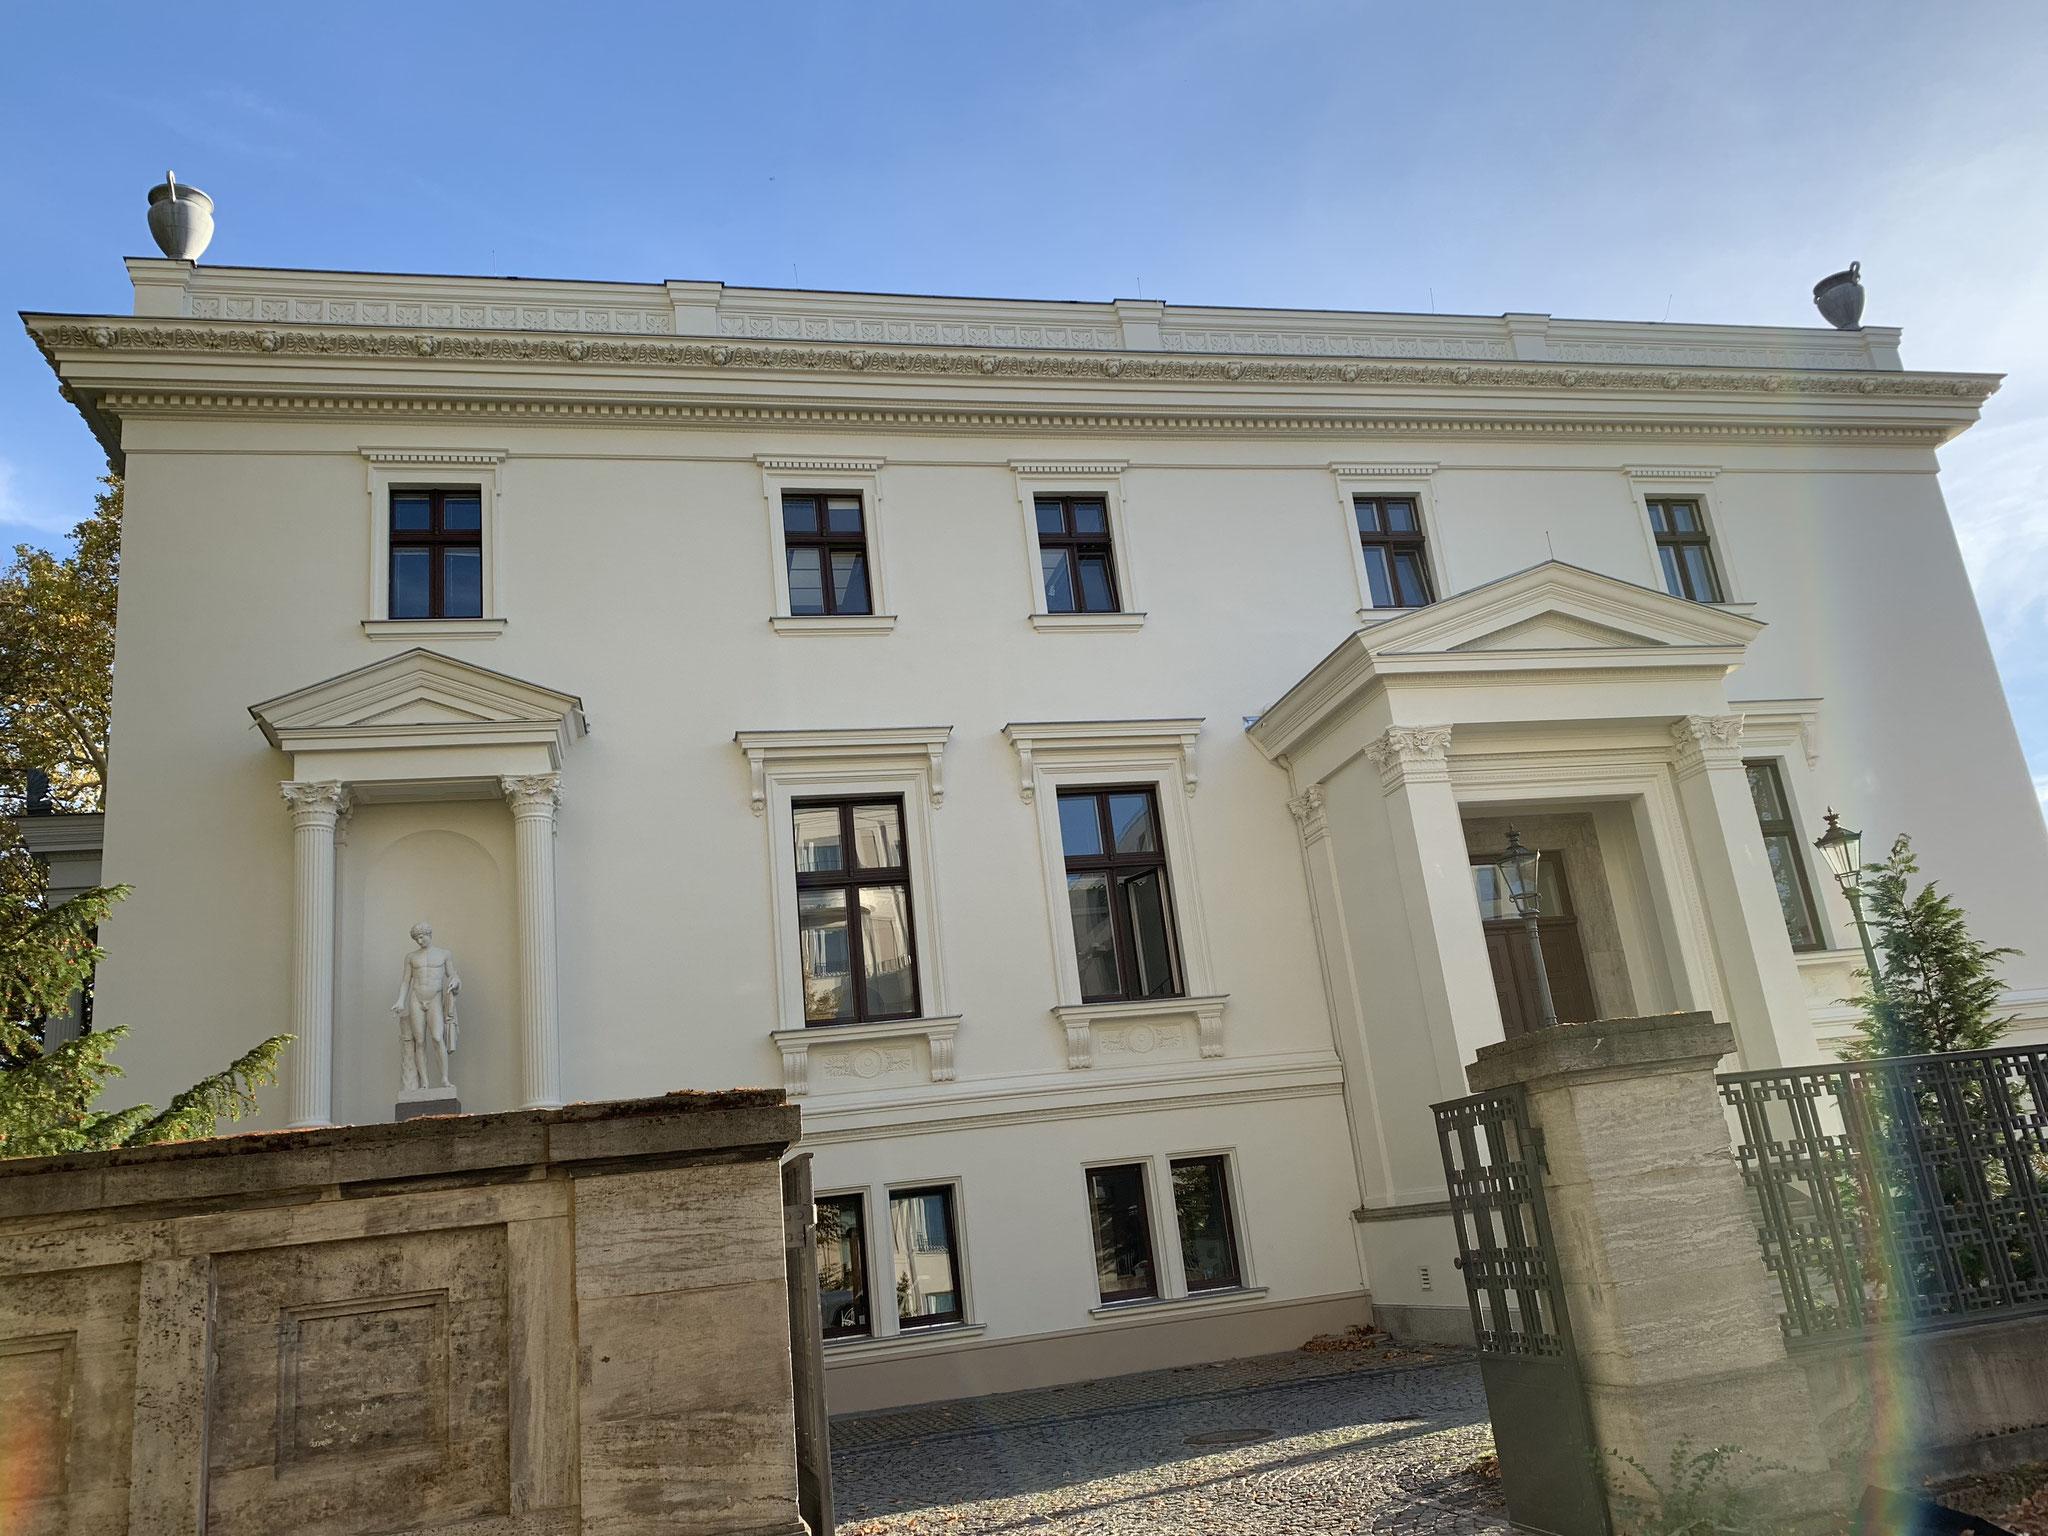 Villa von der Heydt - Stiftung Preußischer Kulturbesitz